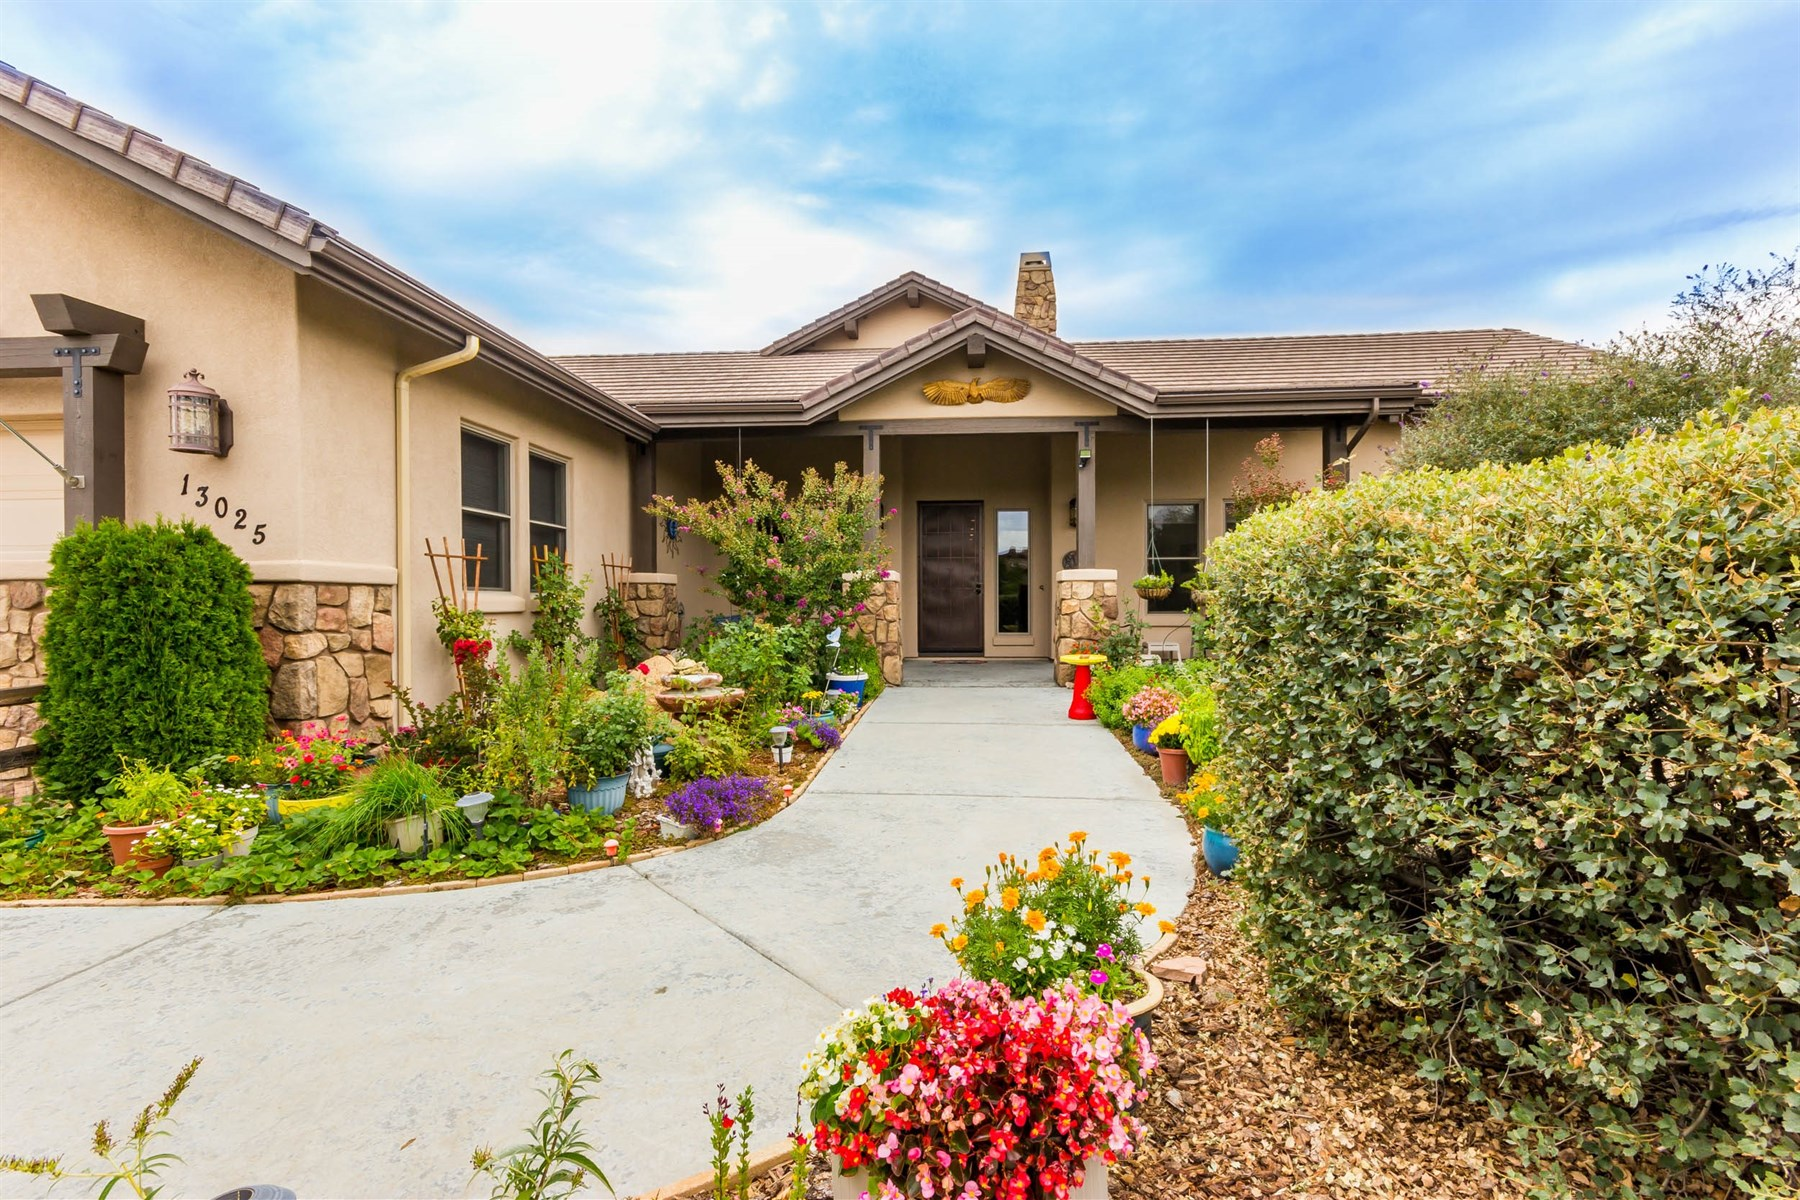 Maison unifamiliale pour l Vente à Fabulous indoor and outdoor living in Inscription Canyon 13025 N Trail Blazer Drive Prescott, Arizona 86305 États-Unis